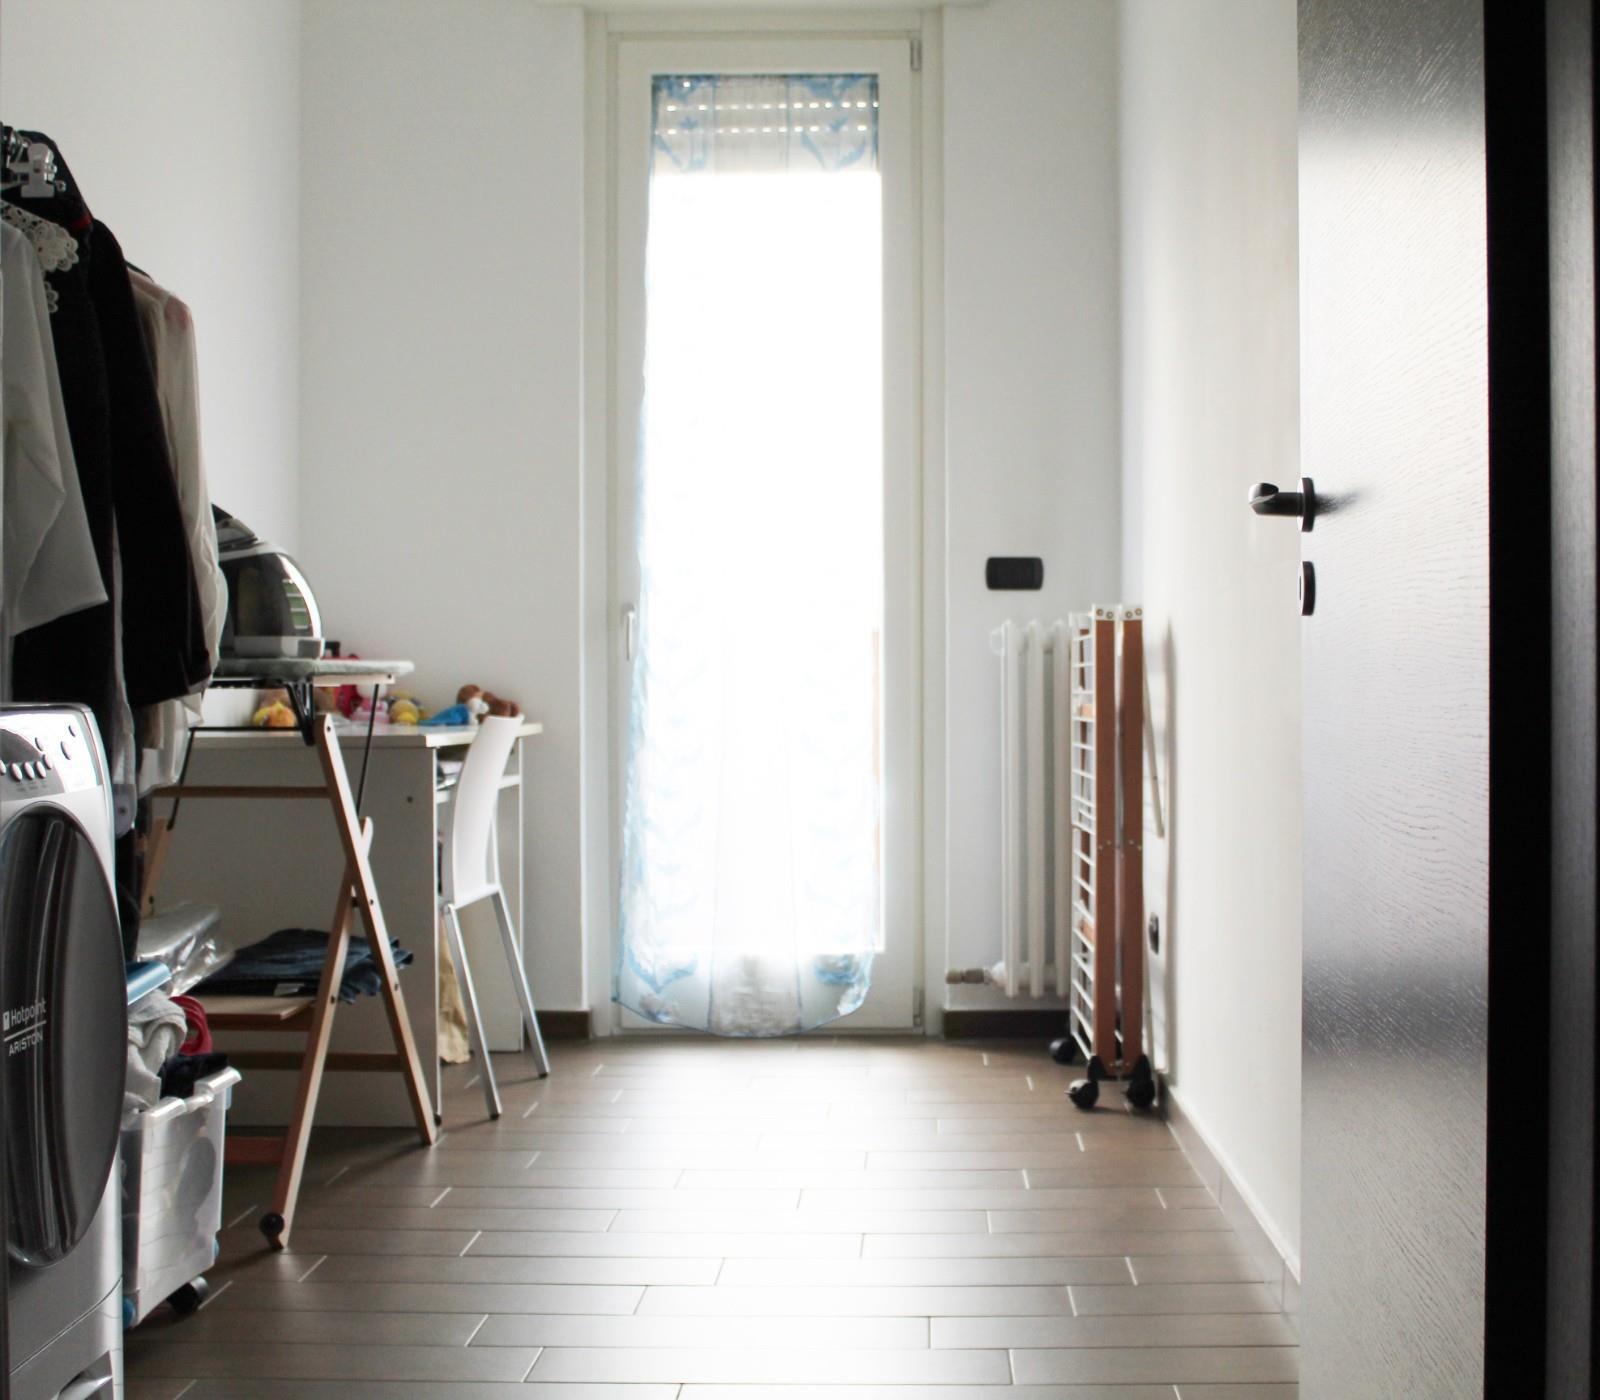 Foto 8 - Appartamento in Vendita - Carate Brianza (Monza e Brianza)